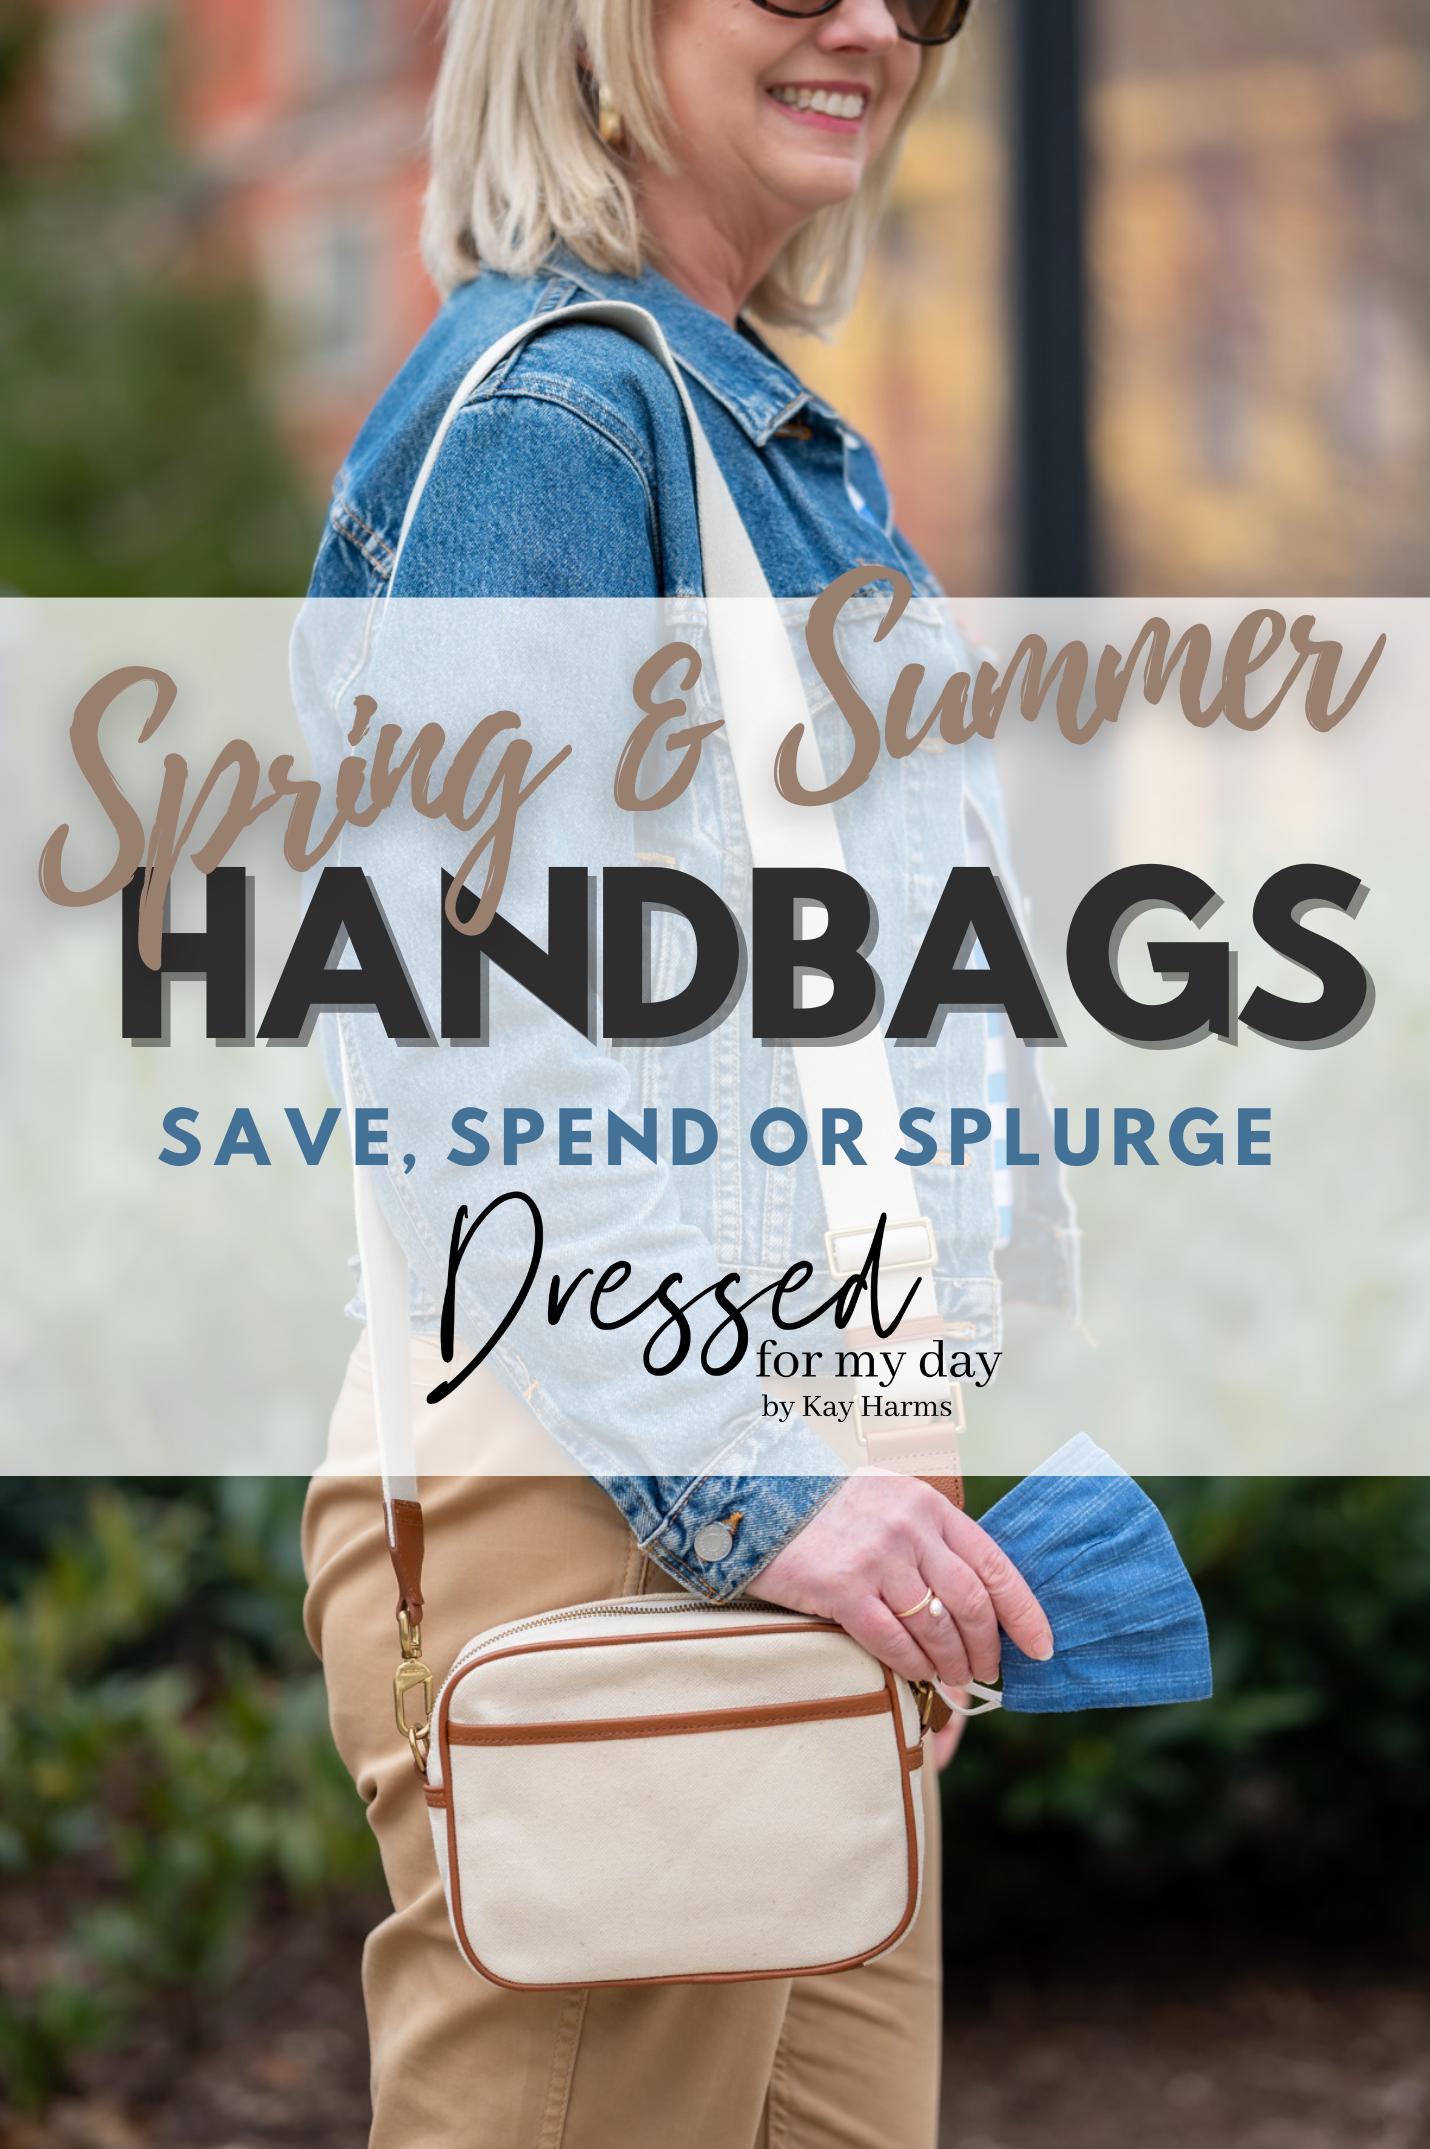 Spring & Summer Handbags